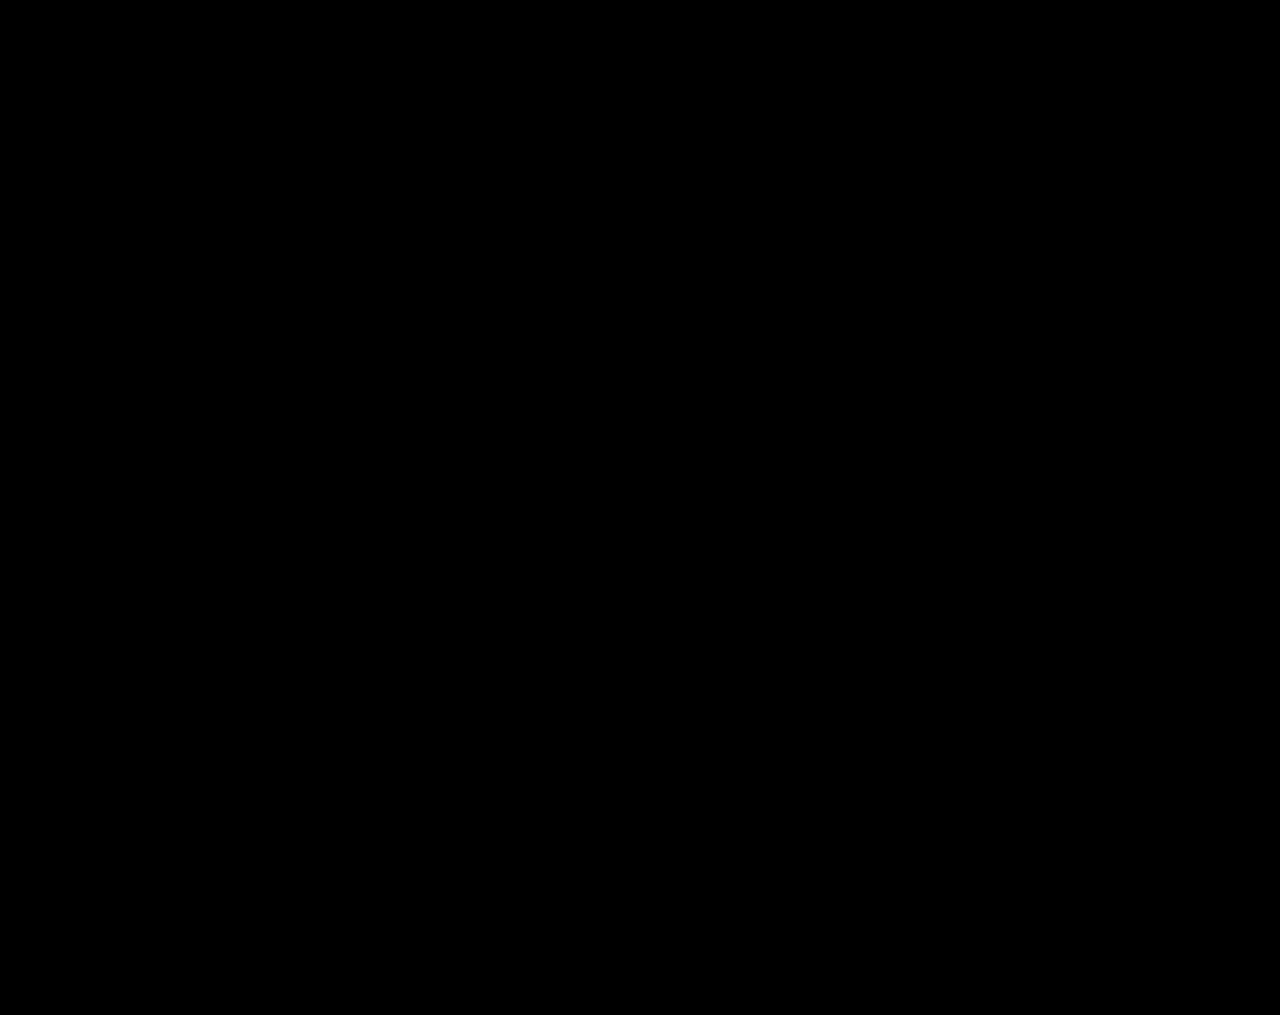 Типичный айтишник